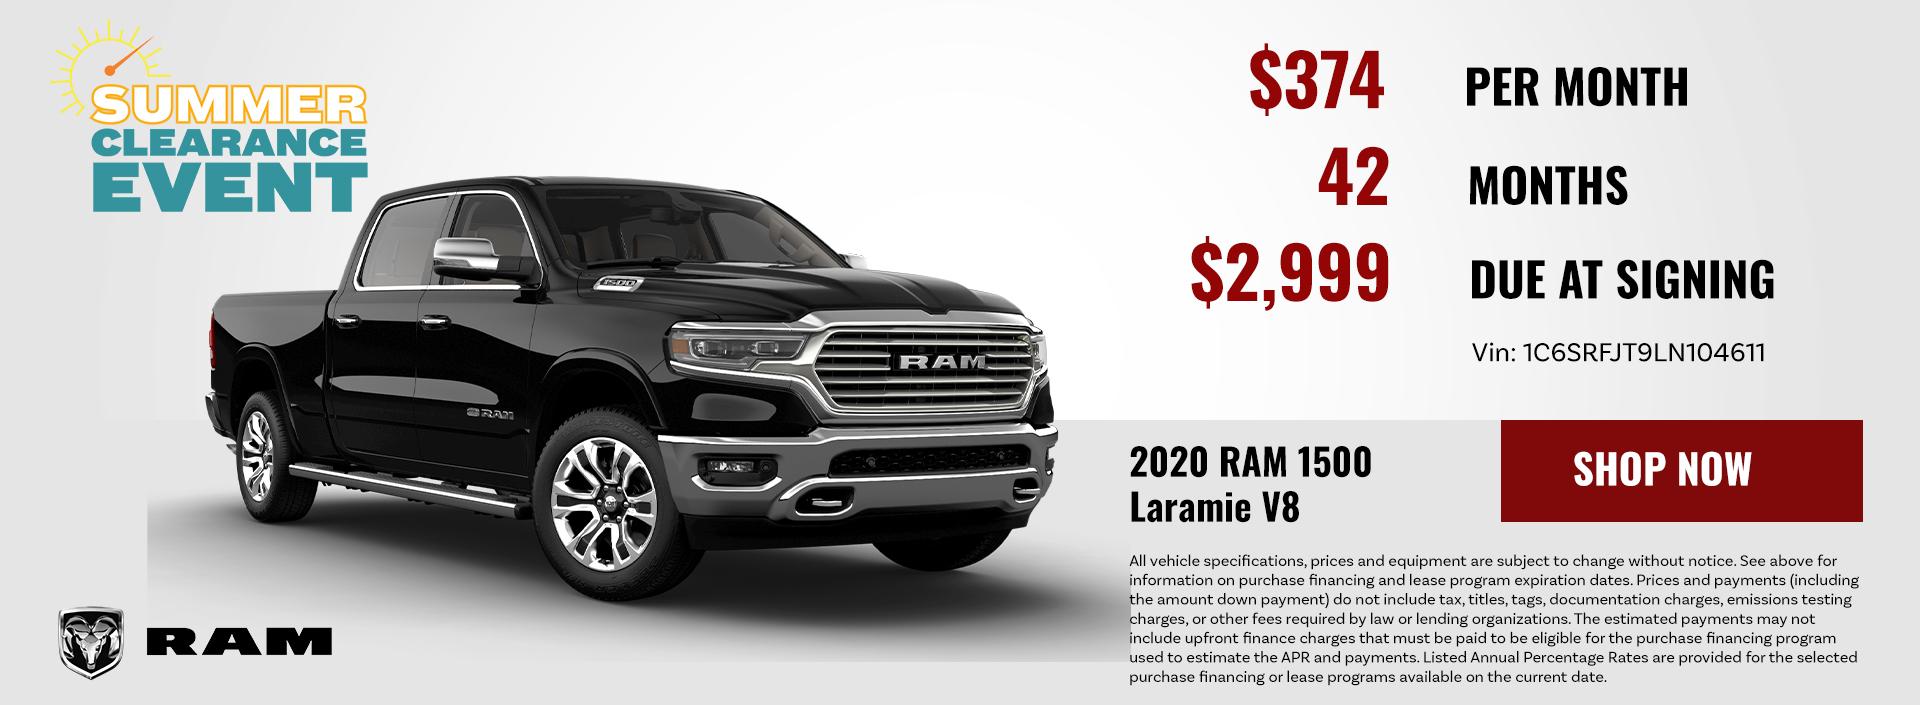 2020 RAM 1500 Laramie V8